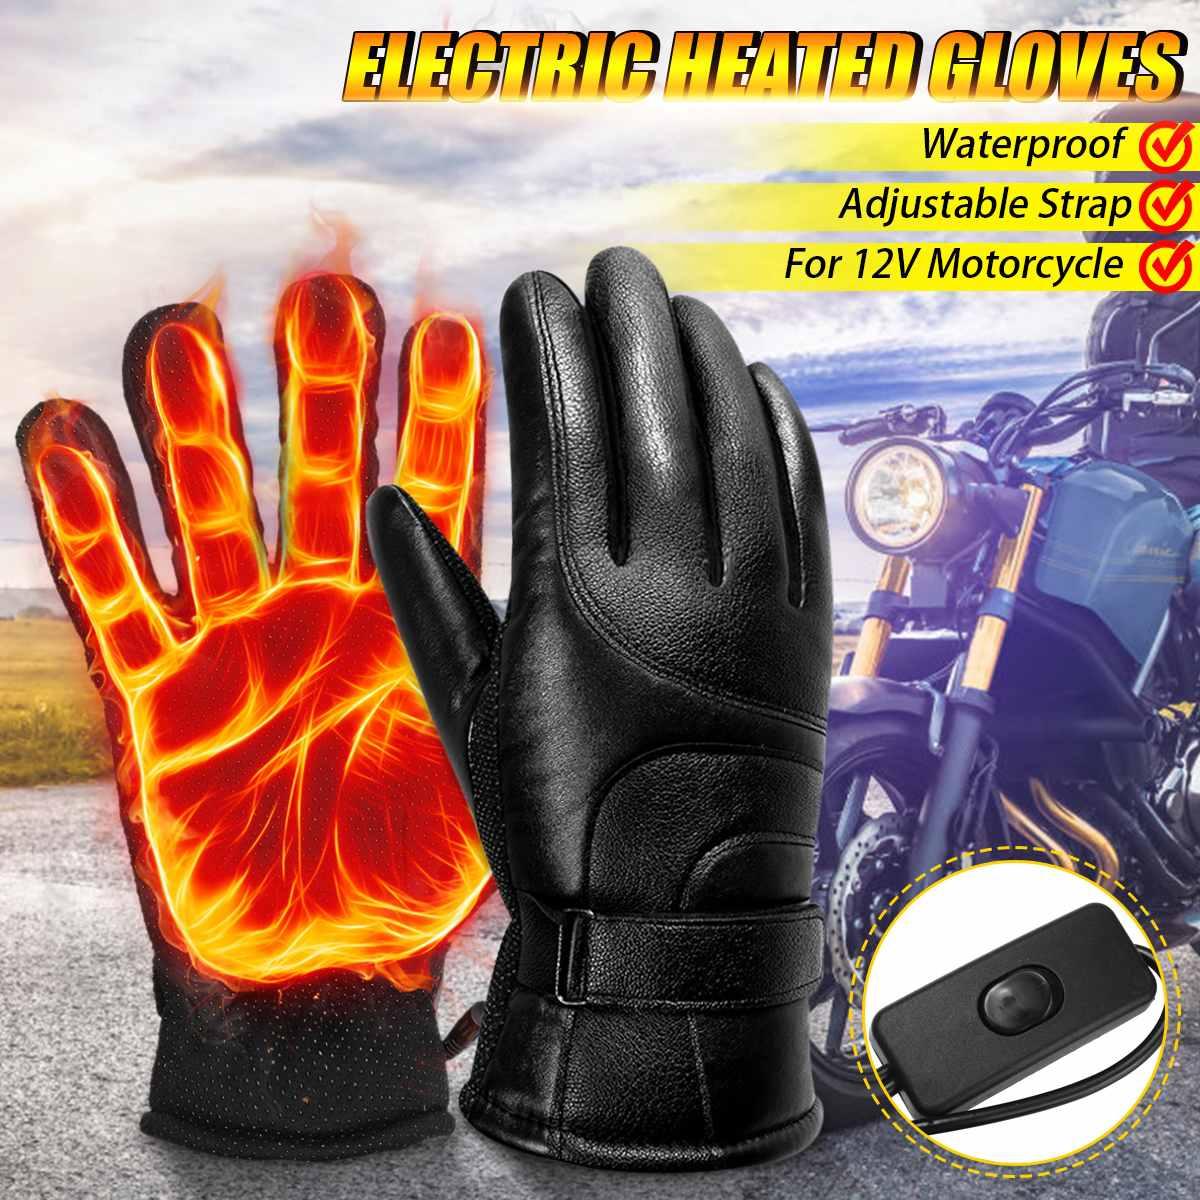 12 В PU перчатки с электрическим подогревом с сенсорным экраном мотоциклетные зимние аккумуляторные теплые перчатки для велоспорта и катания на лыжах Зимние перчатки